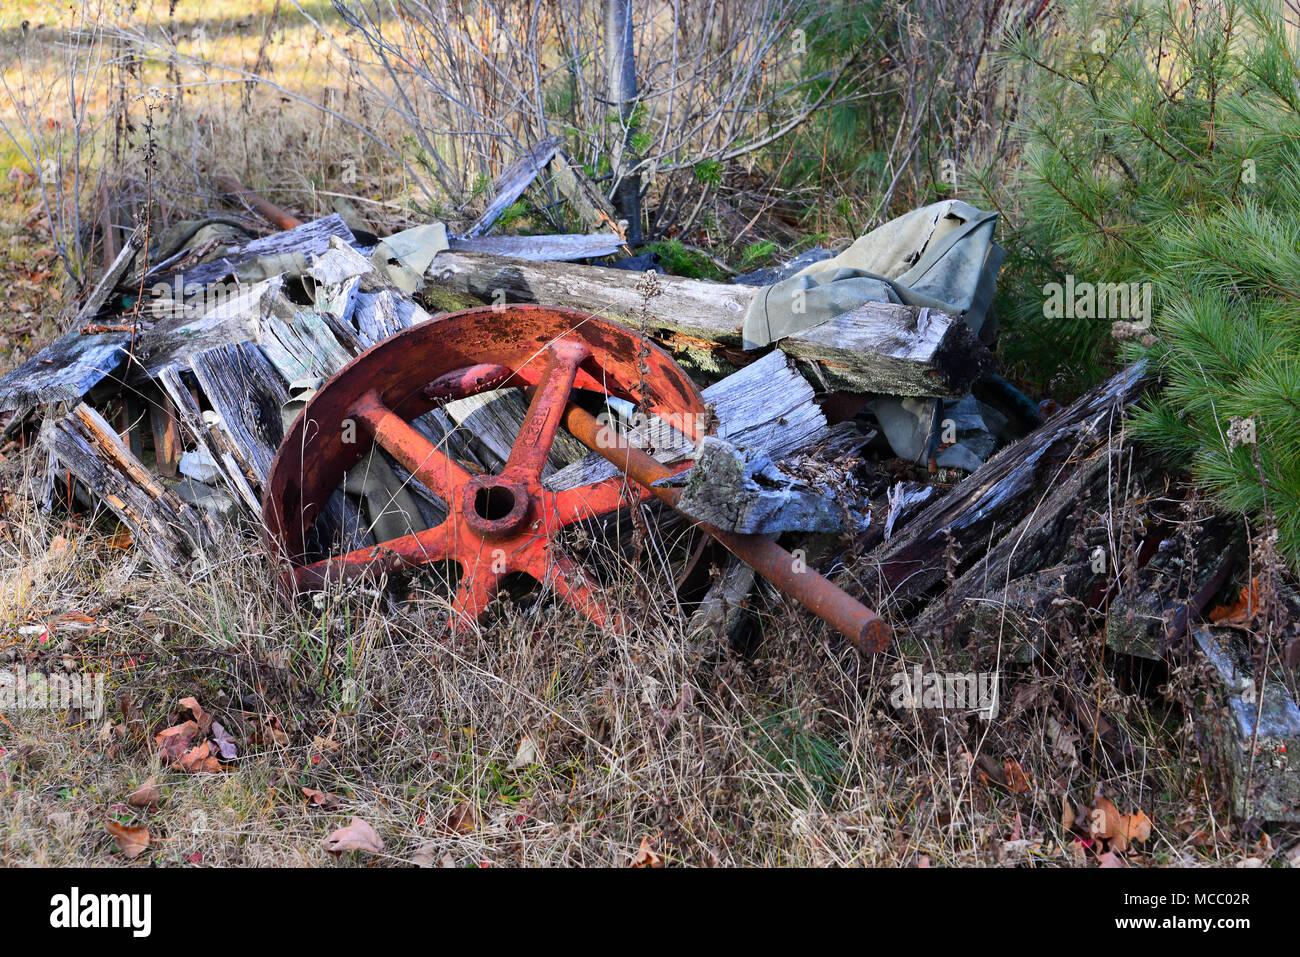 Broken Axle Stock Photos & Broken Axle Stock Images - Alamy